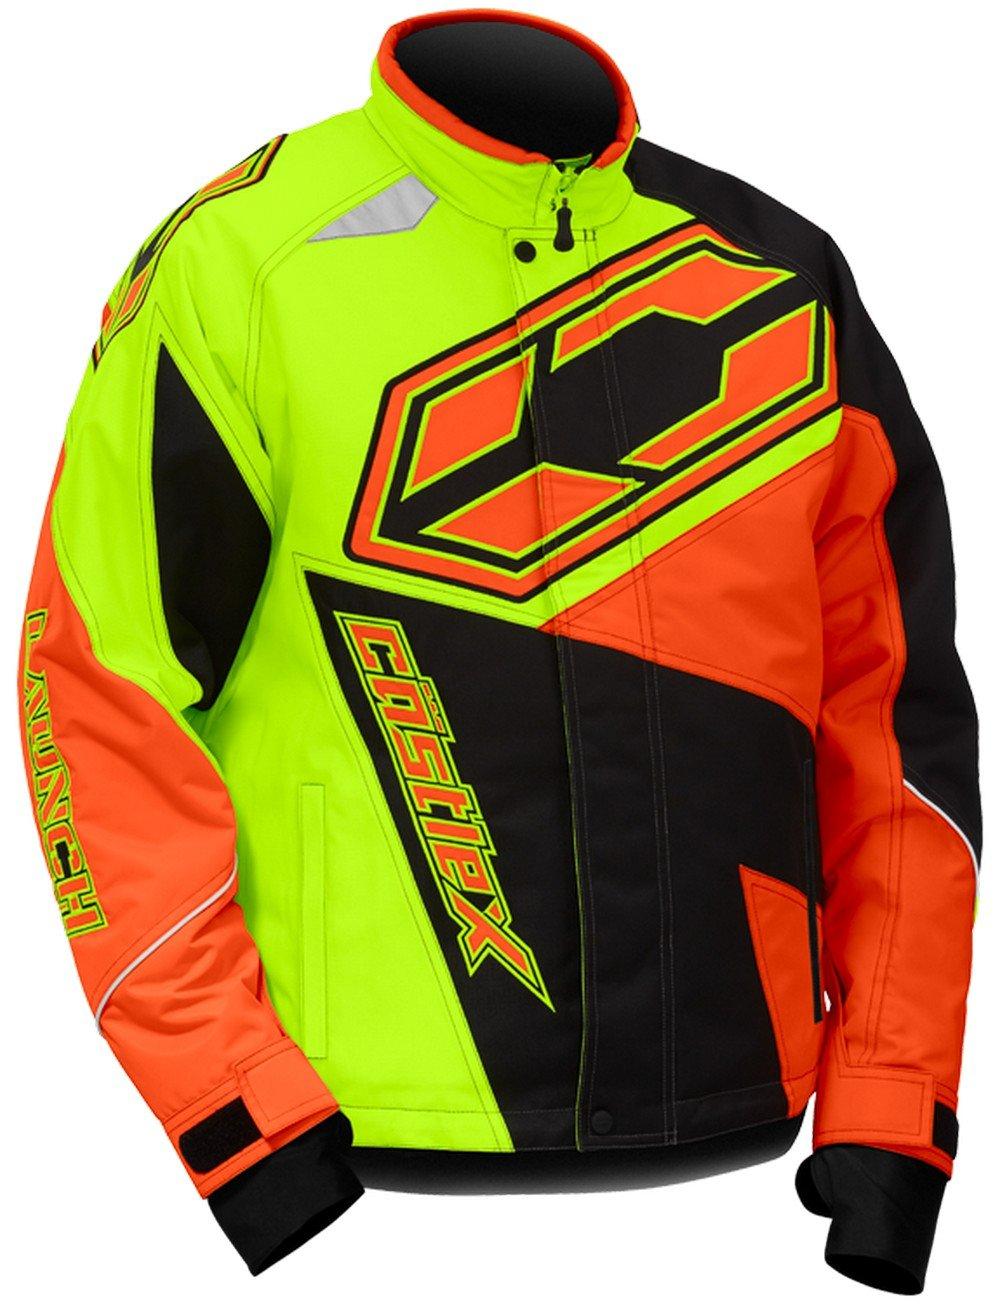 Castle X Launch SE G4 Youth Boys Snowmobile Jacket Hi-Vis/Orange LG by Castle X